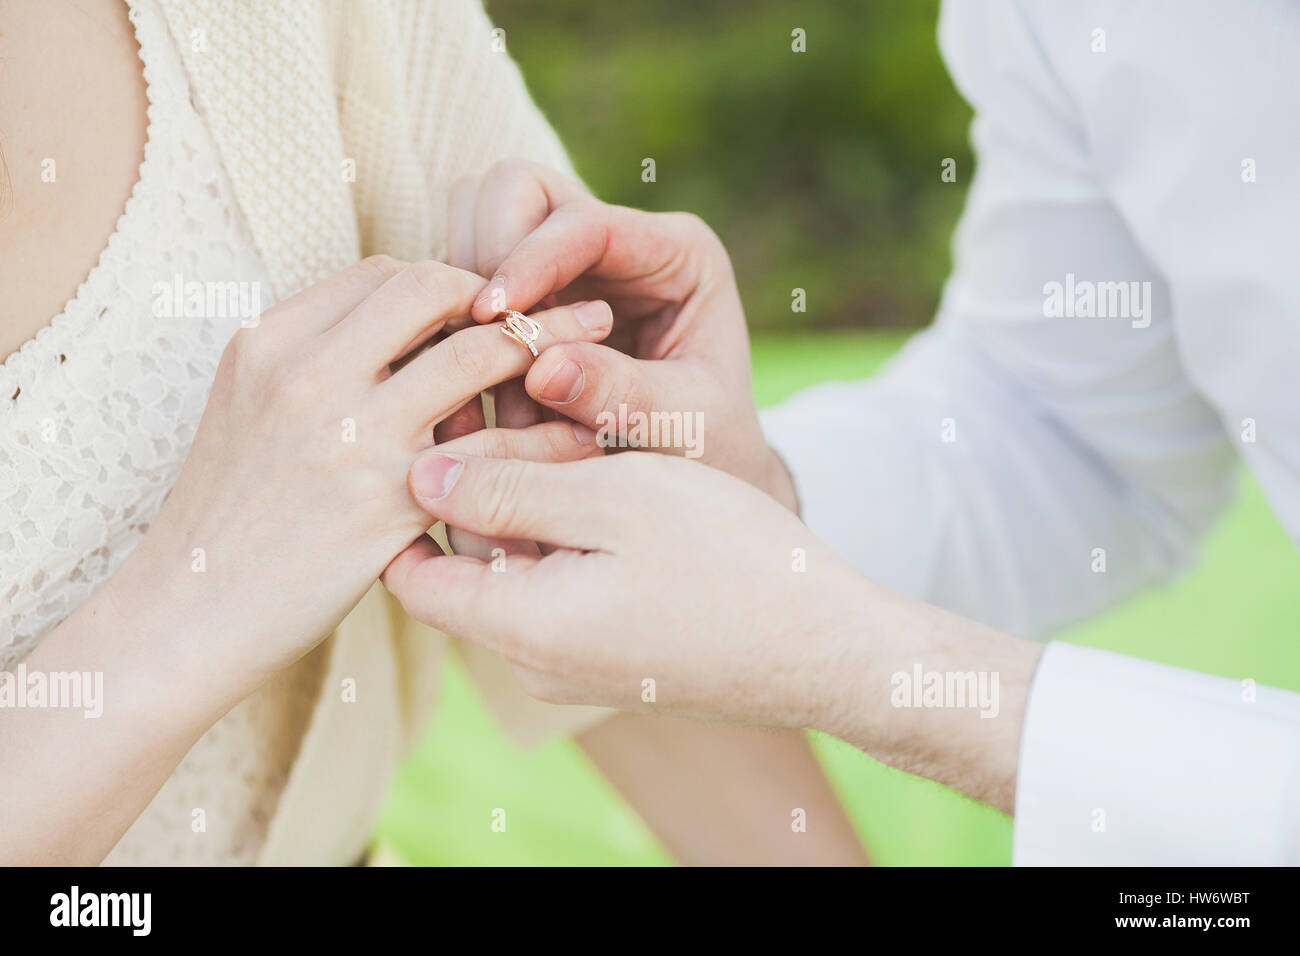 Das Angebot zu heiraten. Hände des Mannes putzt einen Ring auf den belo Stockbild